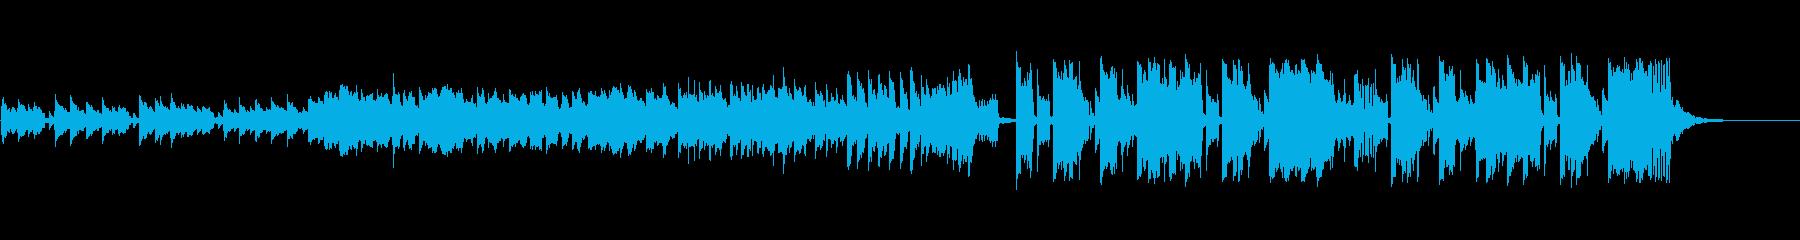 未来を感じるEDMのエンディング曲の再生済みの波形